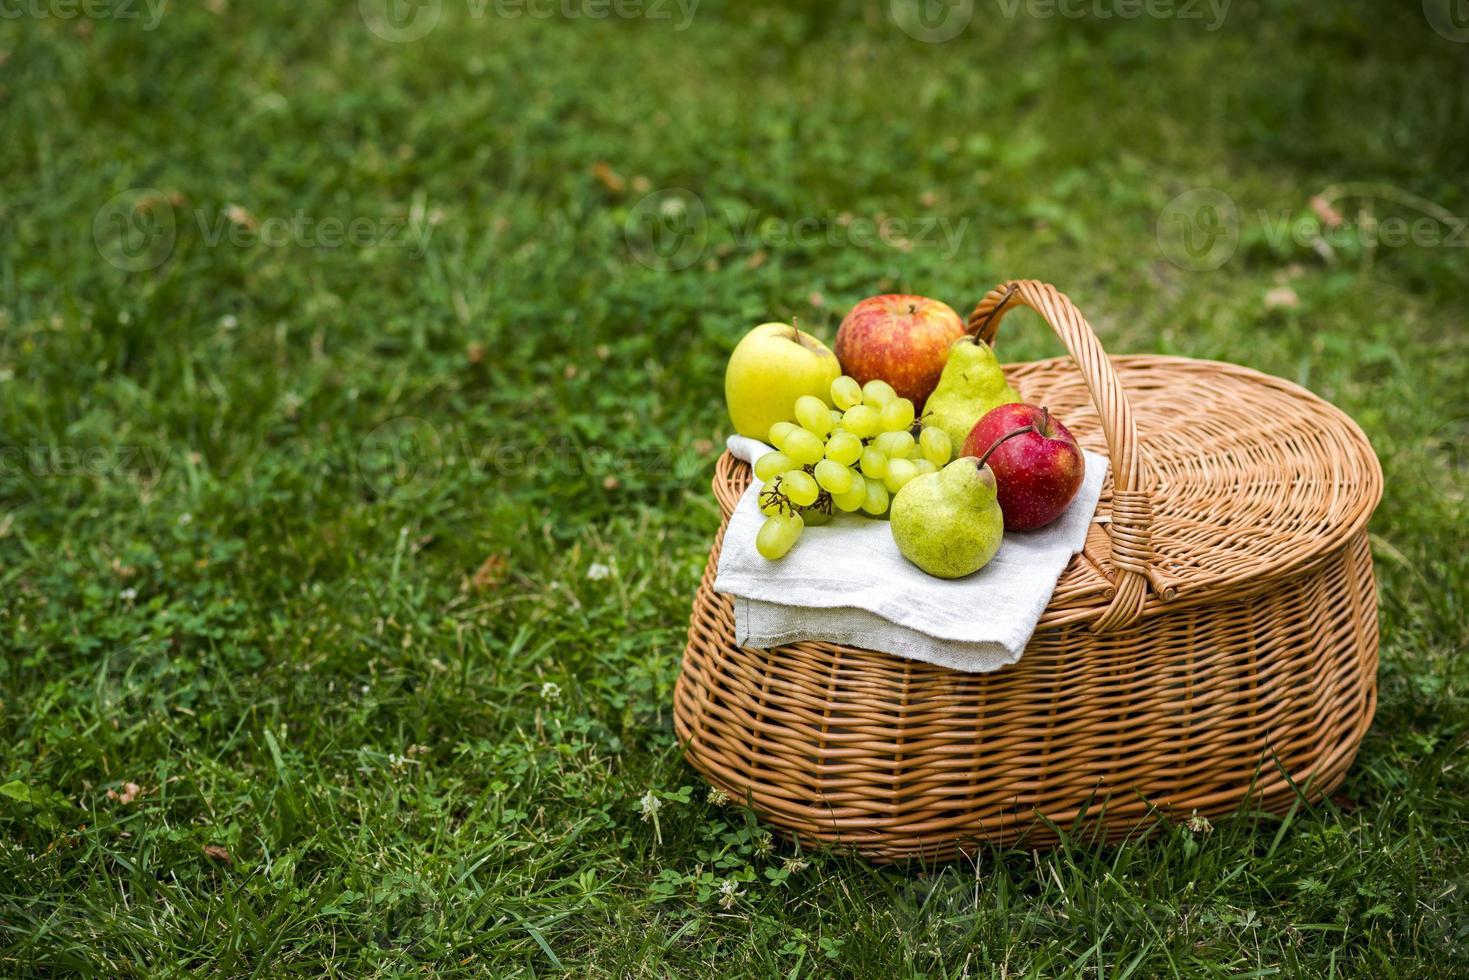 Hochwinkel-Picknickkorb mit Früchten auf grünem Gras foto